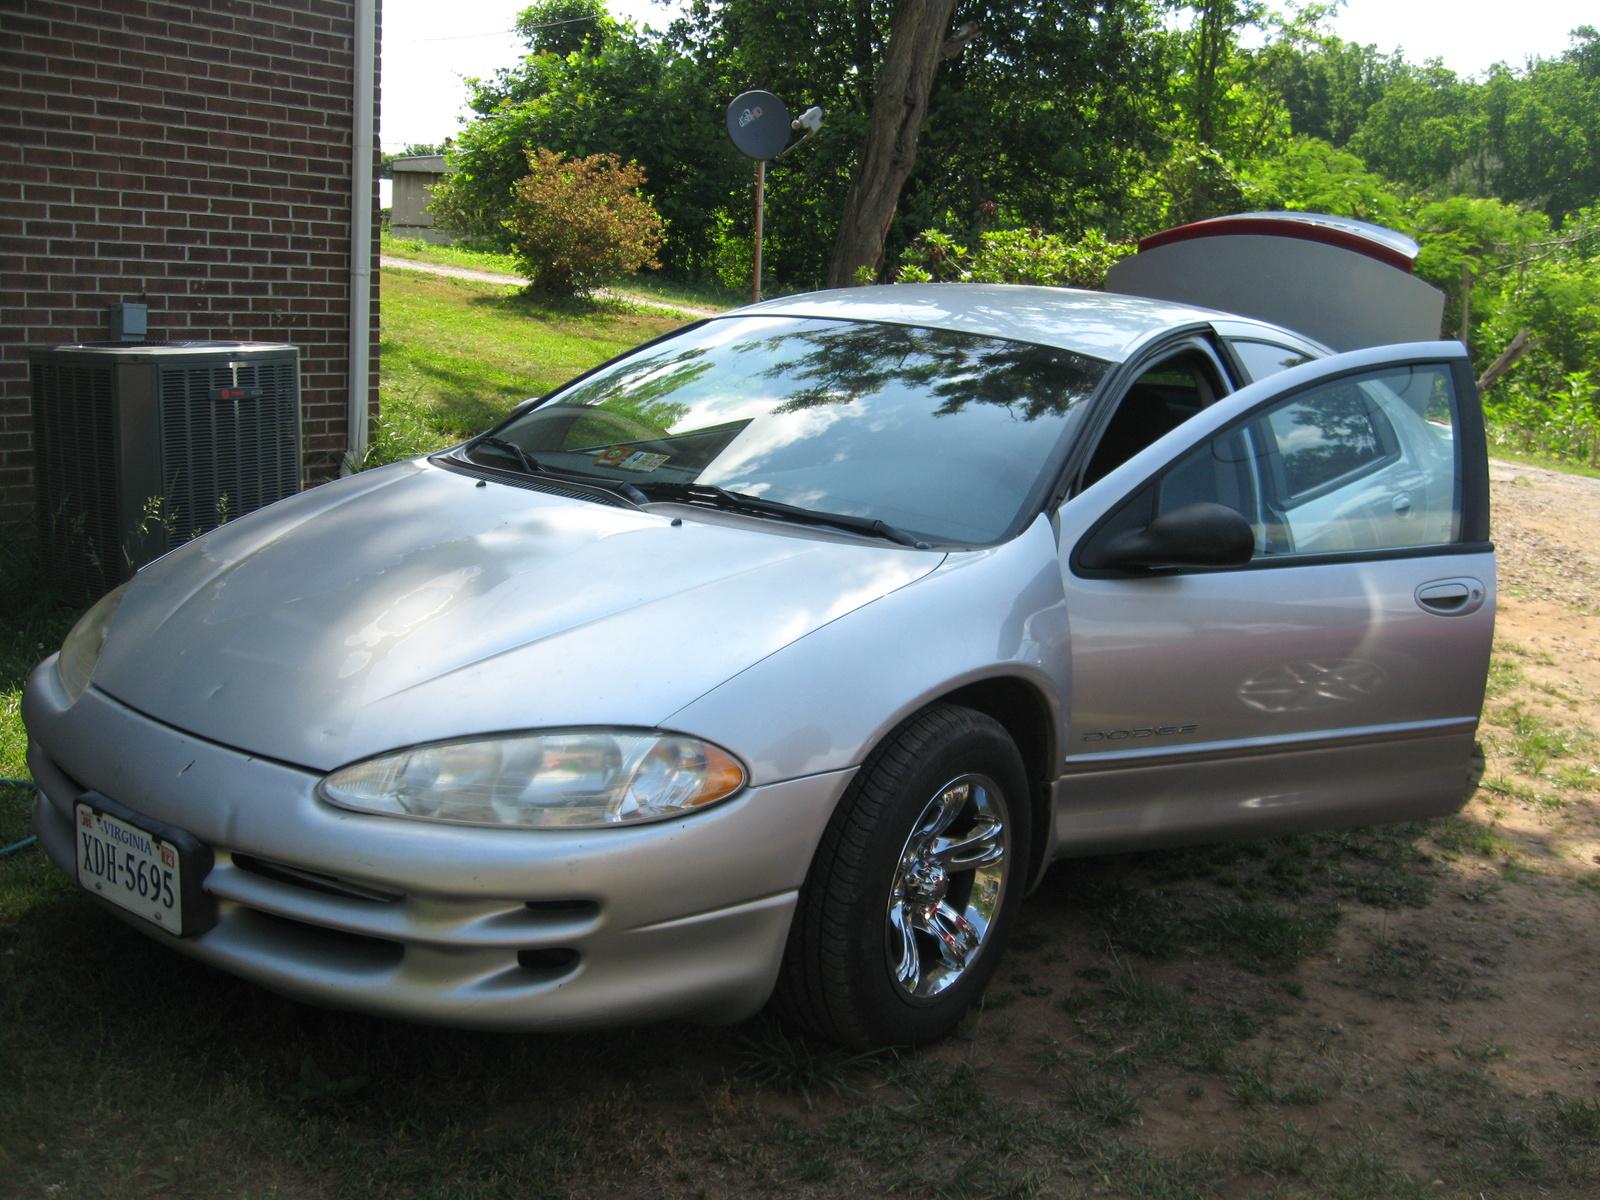 Dodge Intrepid 2.7L 2001